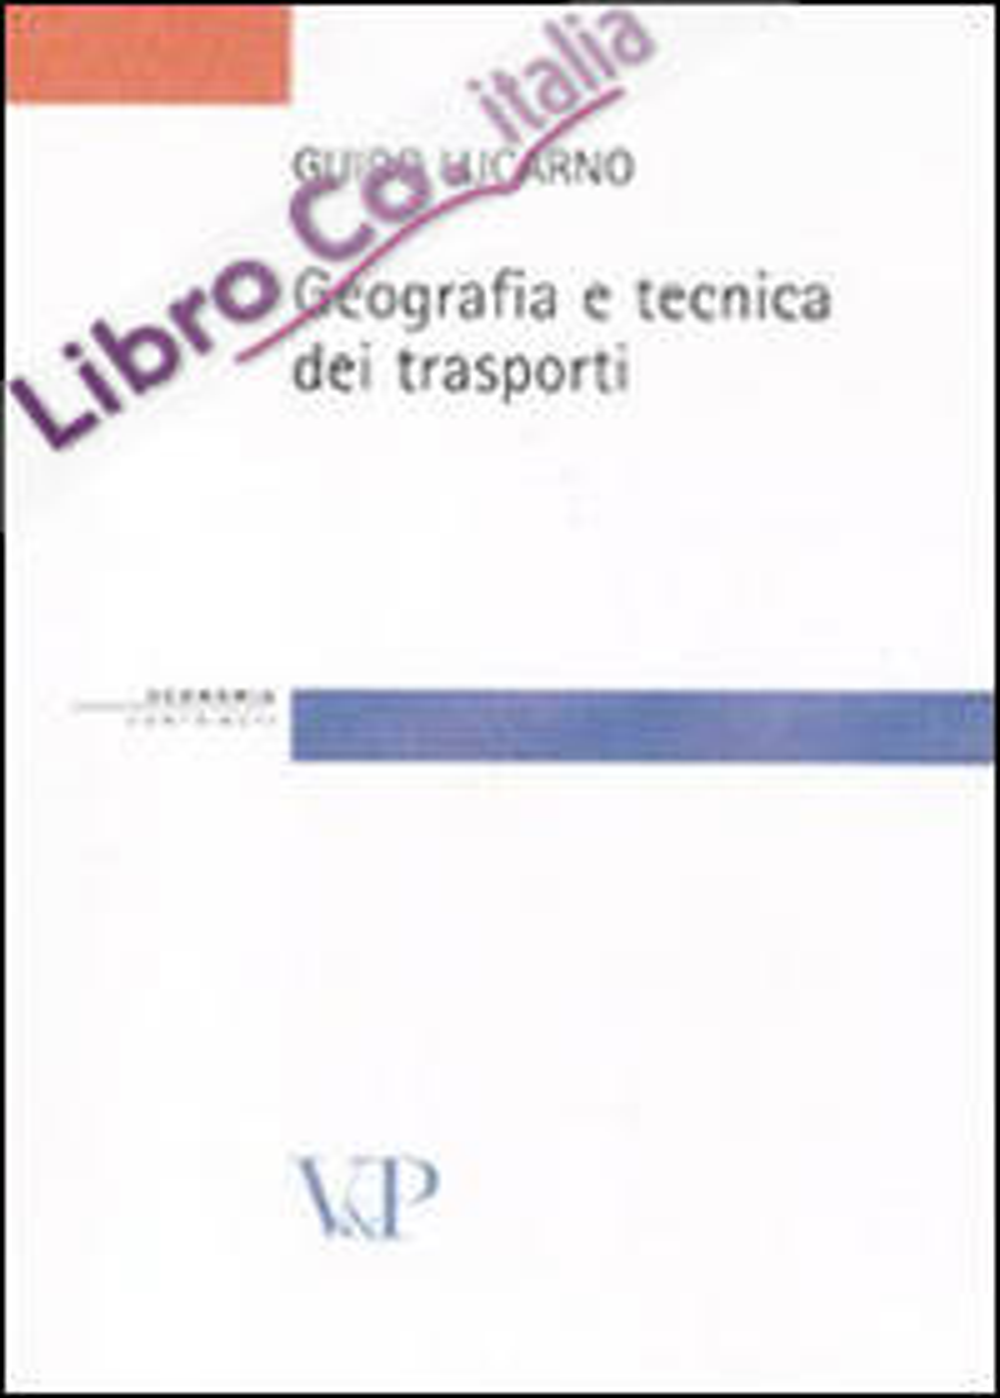 Geografia e tecnica dei trasporti.